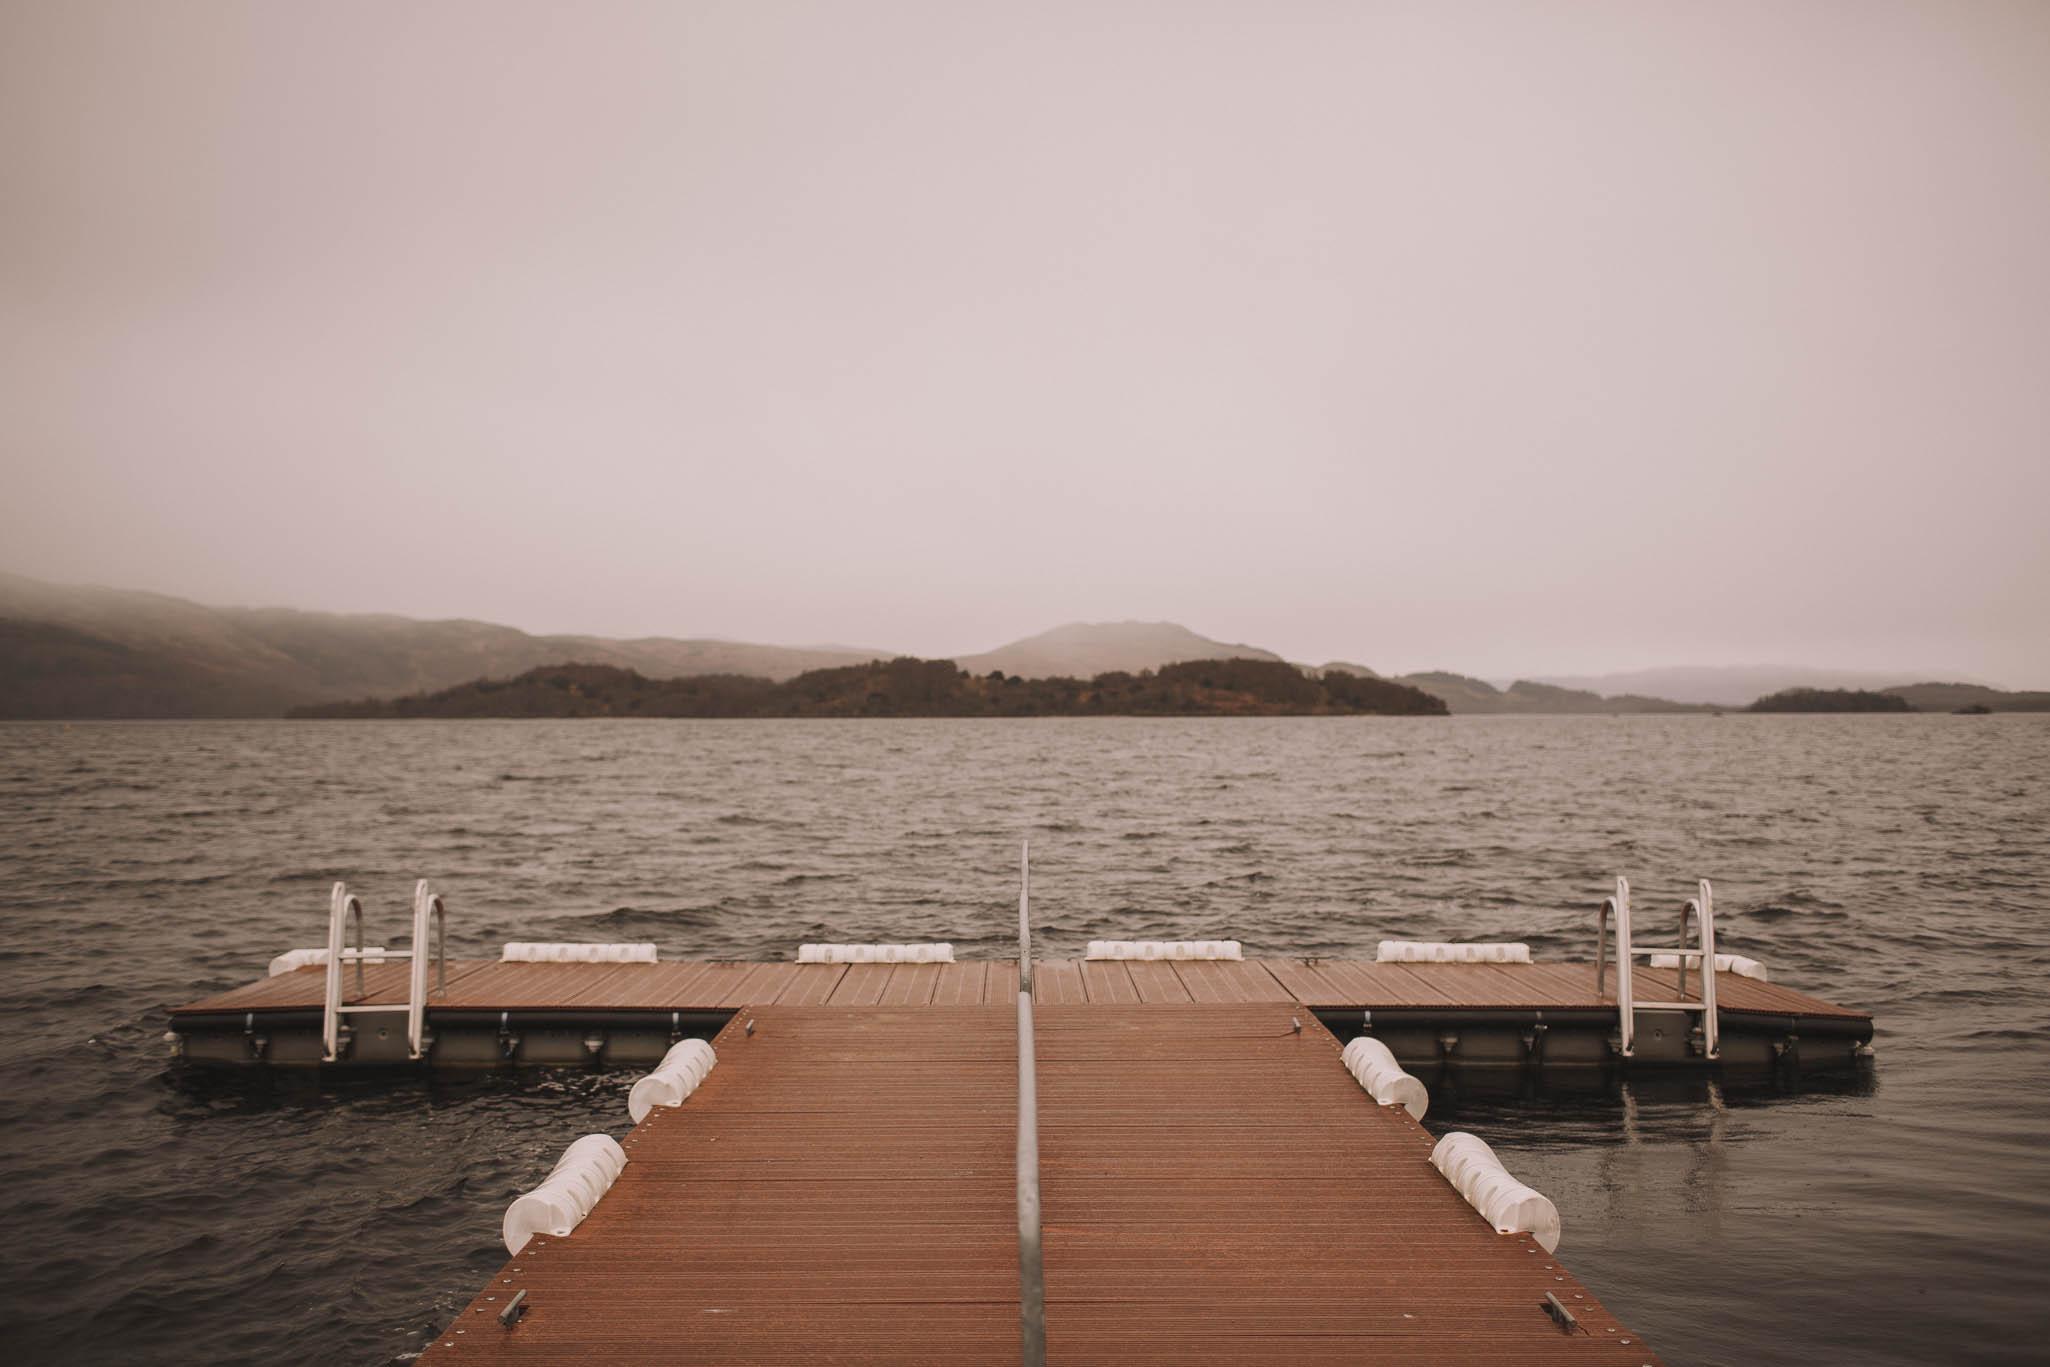 Scotland-wedding-photographer-jeremy-boyer-photographe-mariage-ecosse-voyage-road-trip-travel-16.jpg